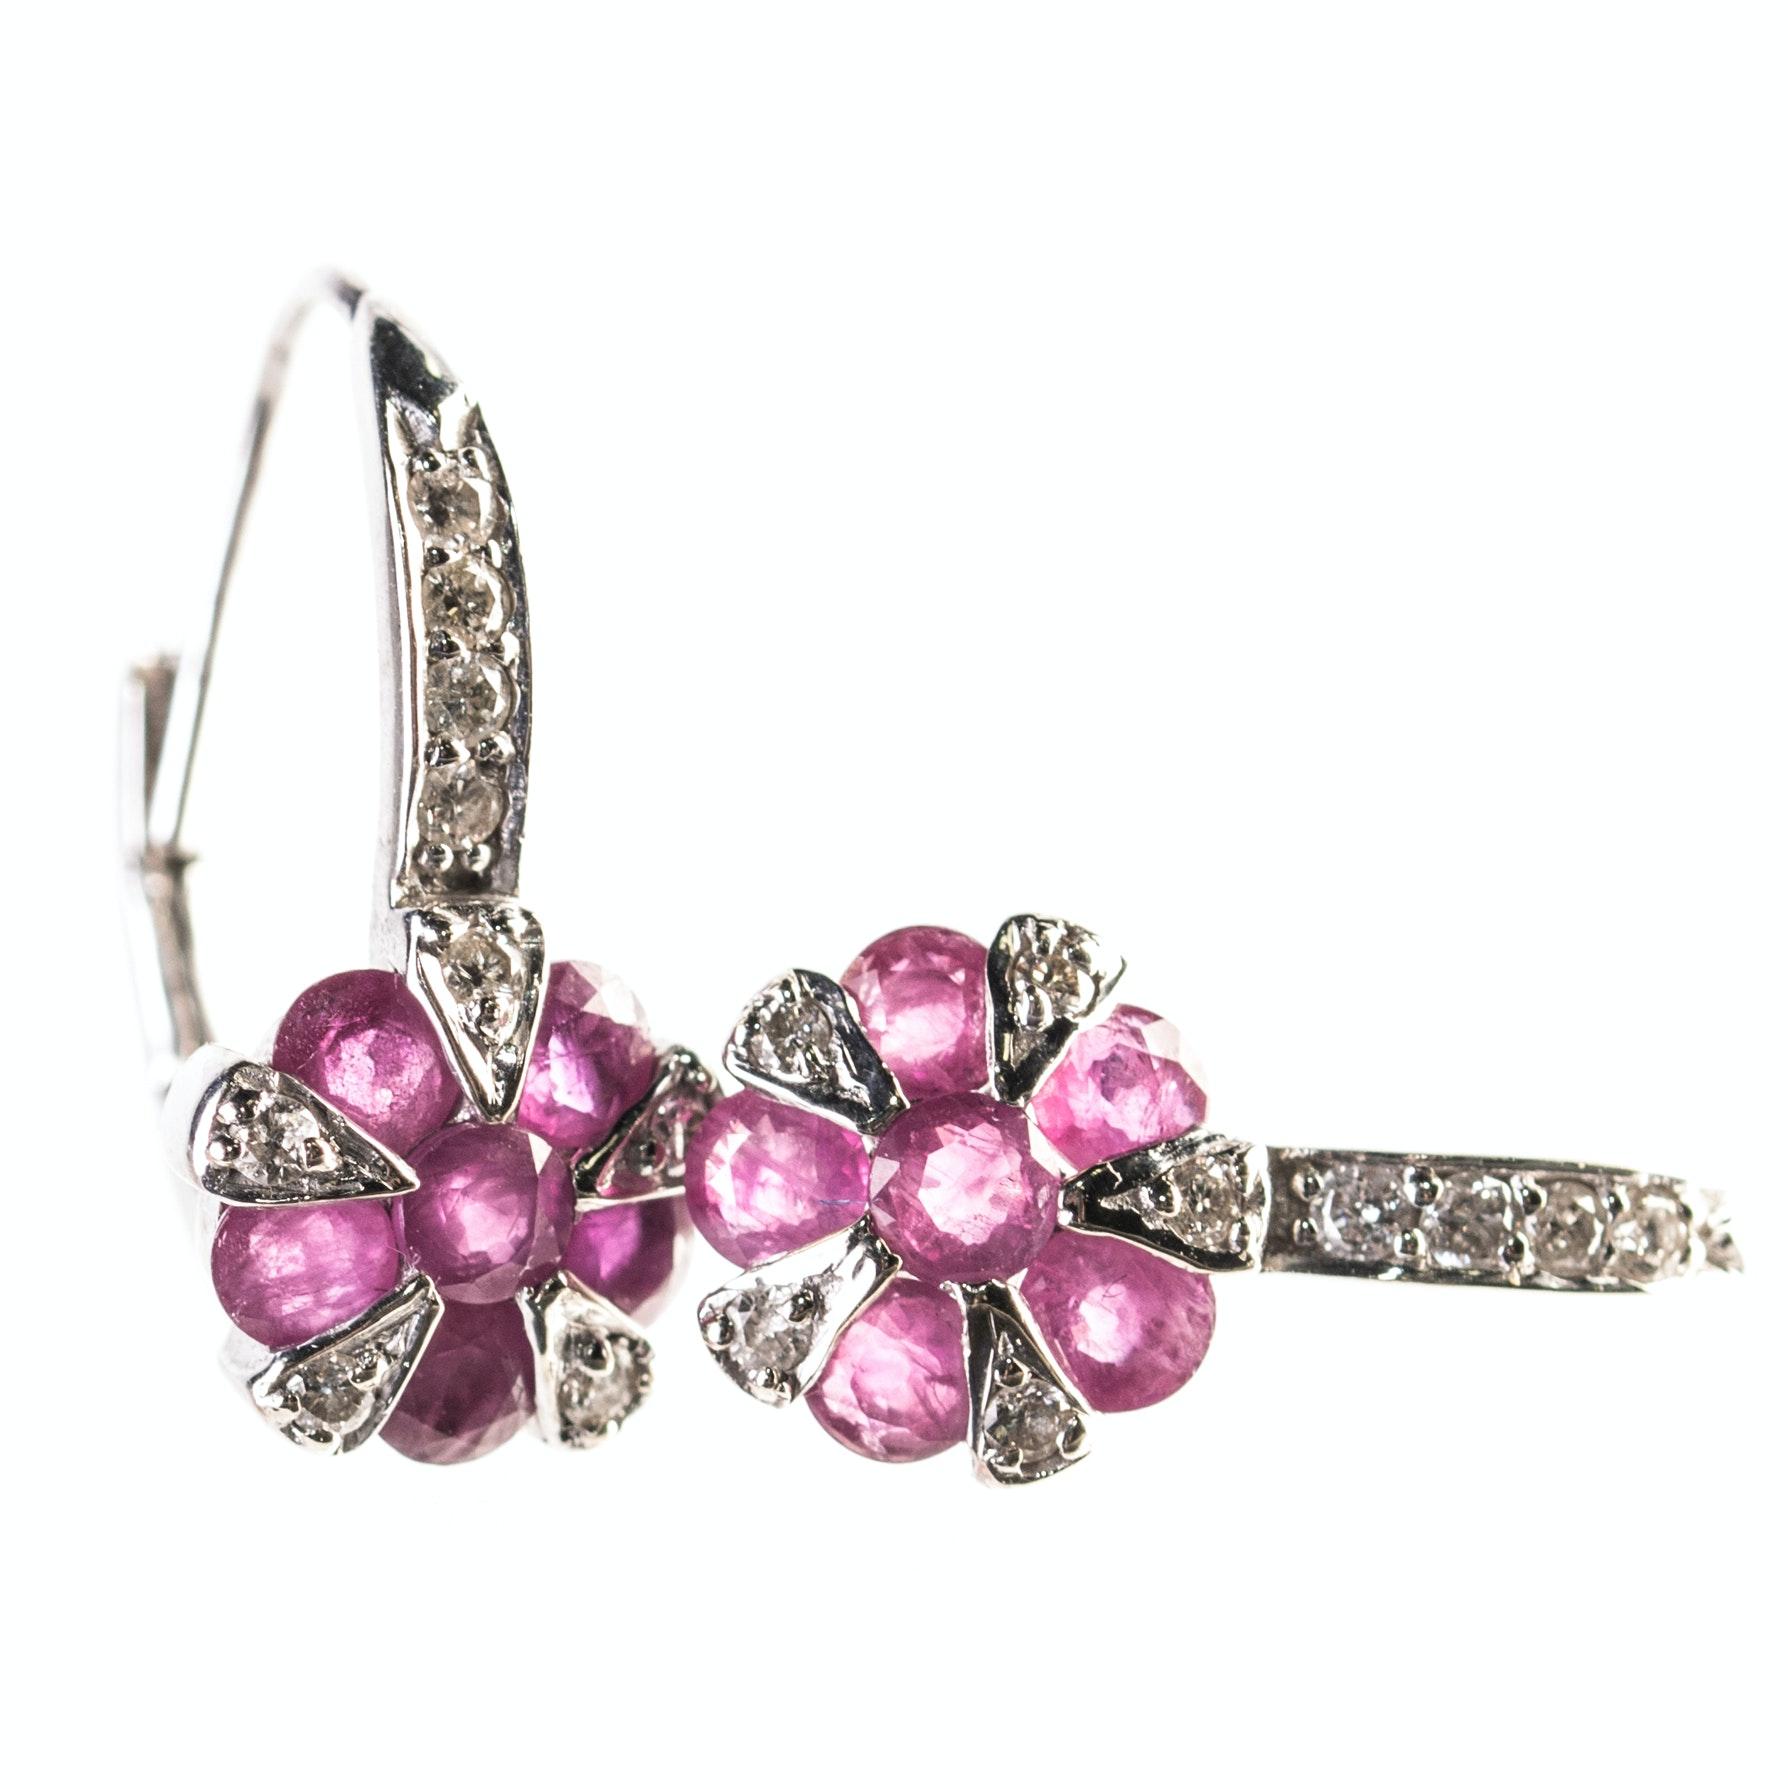 14K White Gold Ruby and Diamond Flower Earrings